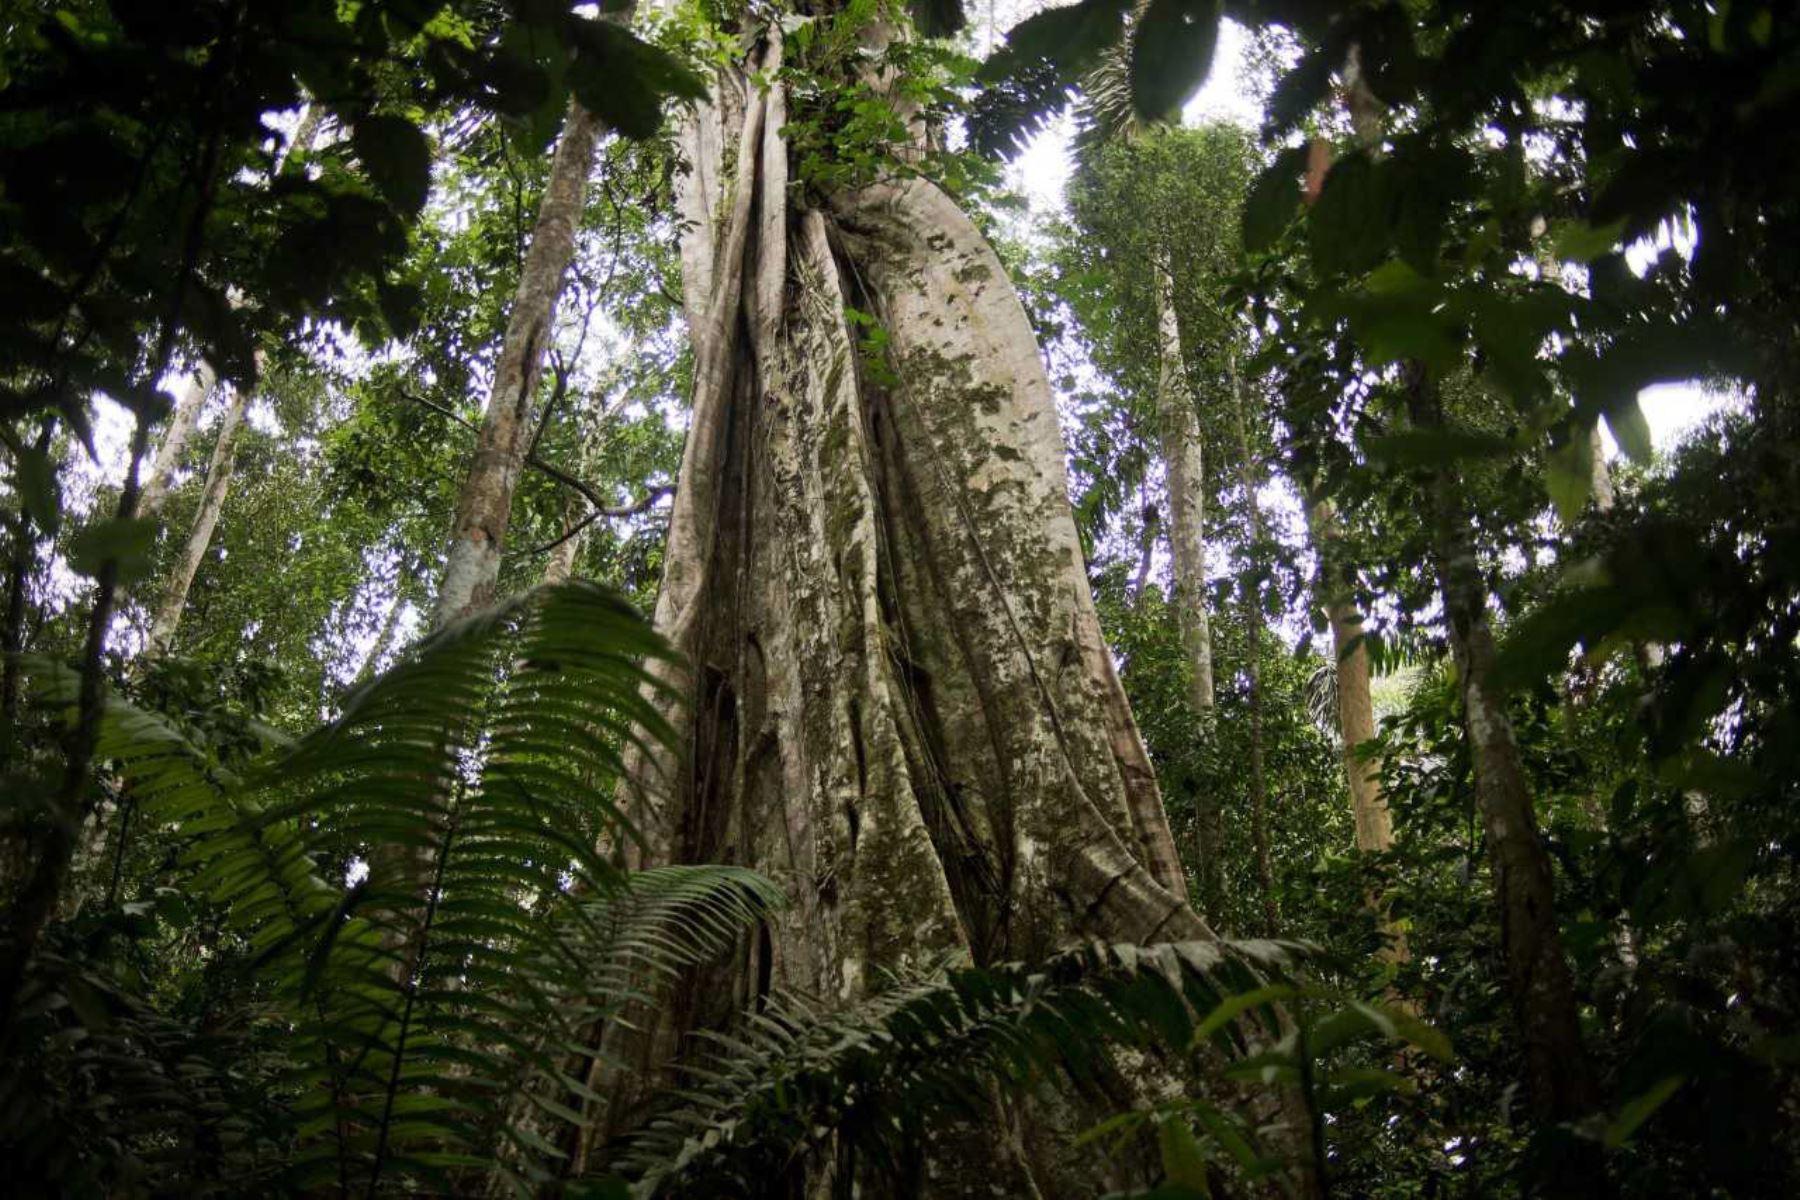 Uno de los grandes avances de este año, fue la zonificación de 22.2 millones de hectáreas de bosques correspondiente a San Martín, Loreto y Ucayali, proceso que tuvo la asistencia técnica y el asesoramiento del Servicio Nacional Forestal y de Fauna Silvestre (Serfor)